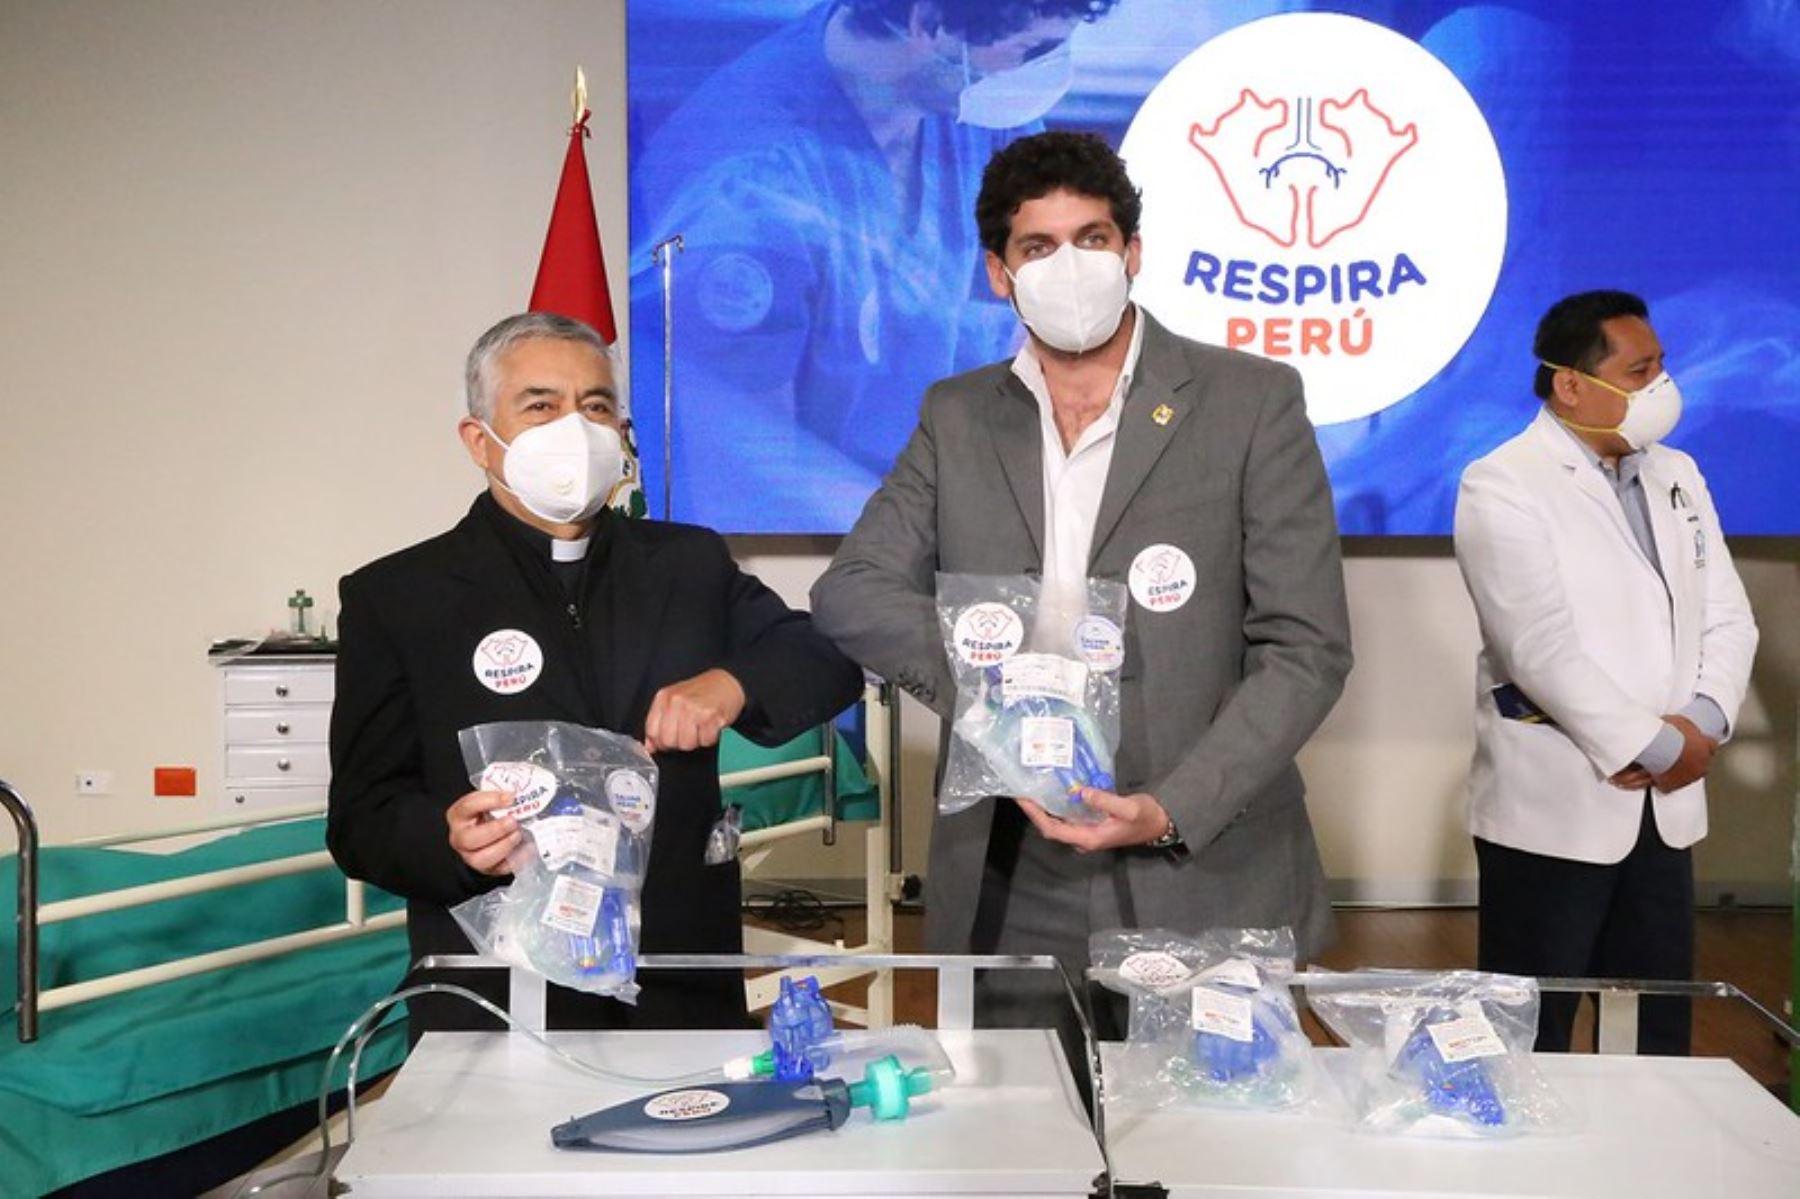 Coronavirus: Respira Perú dona 2,000 ventiladores mecánicos para ayudar a pacientes. Foto: ANDINA/Difusión.